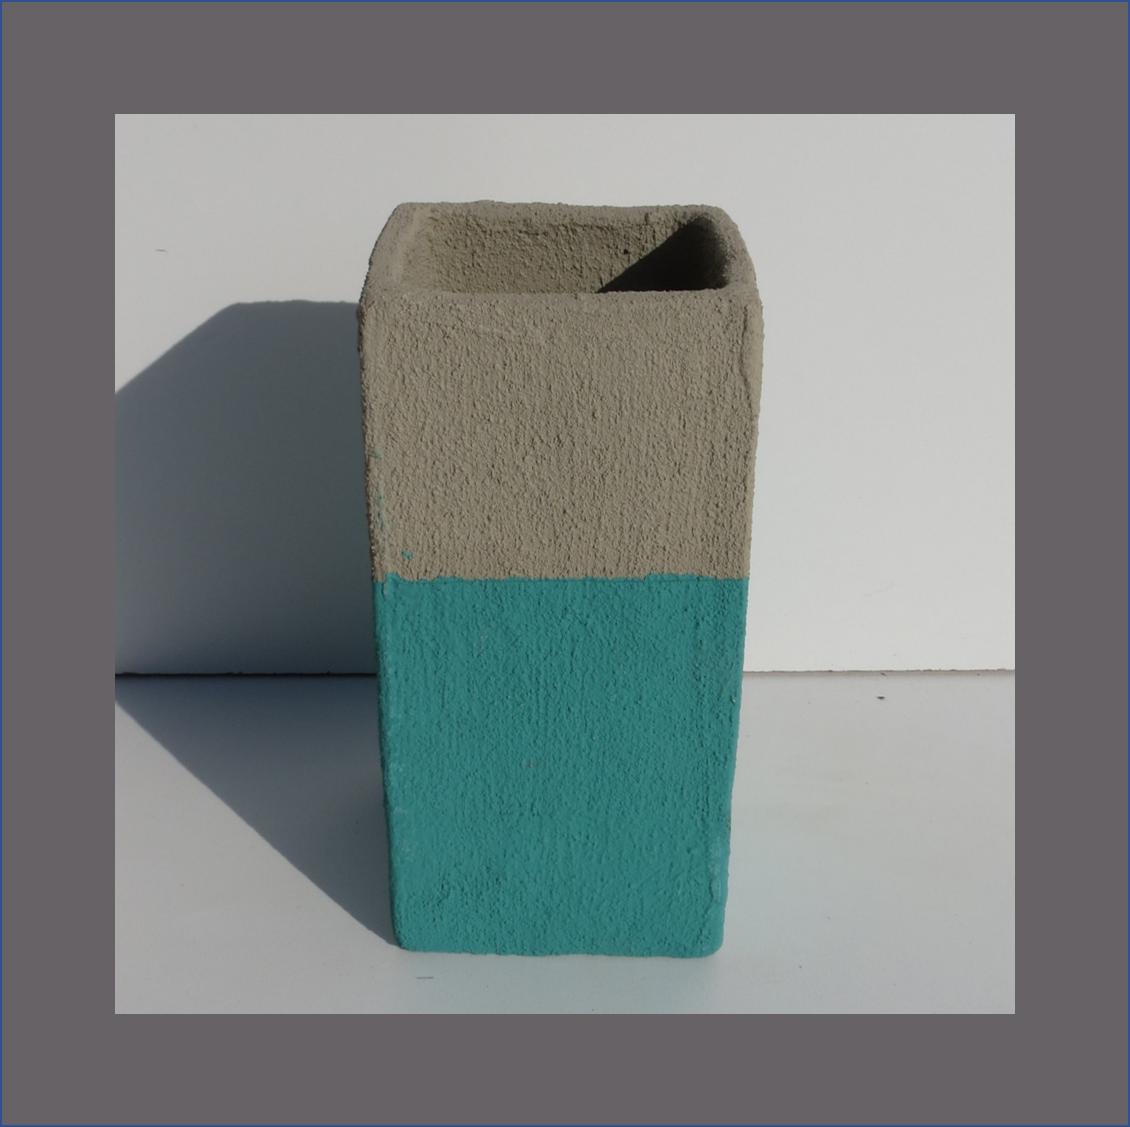 concrete-square-vase